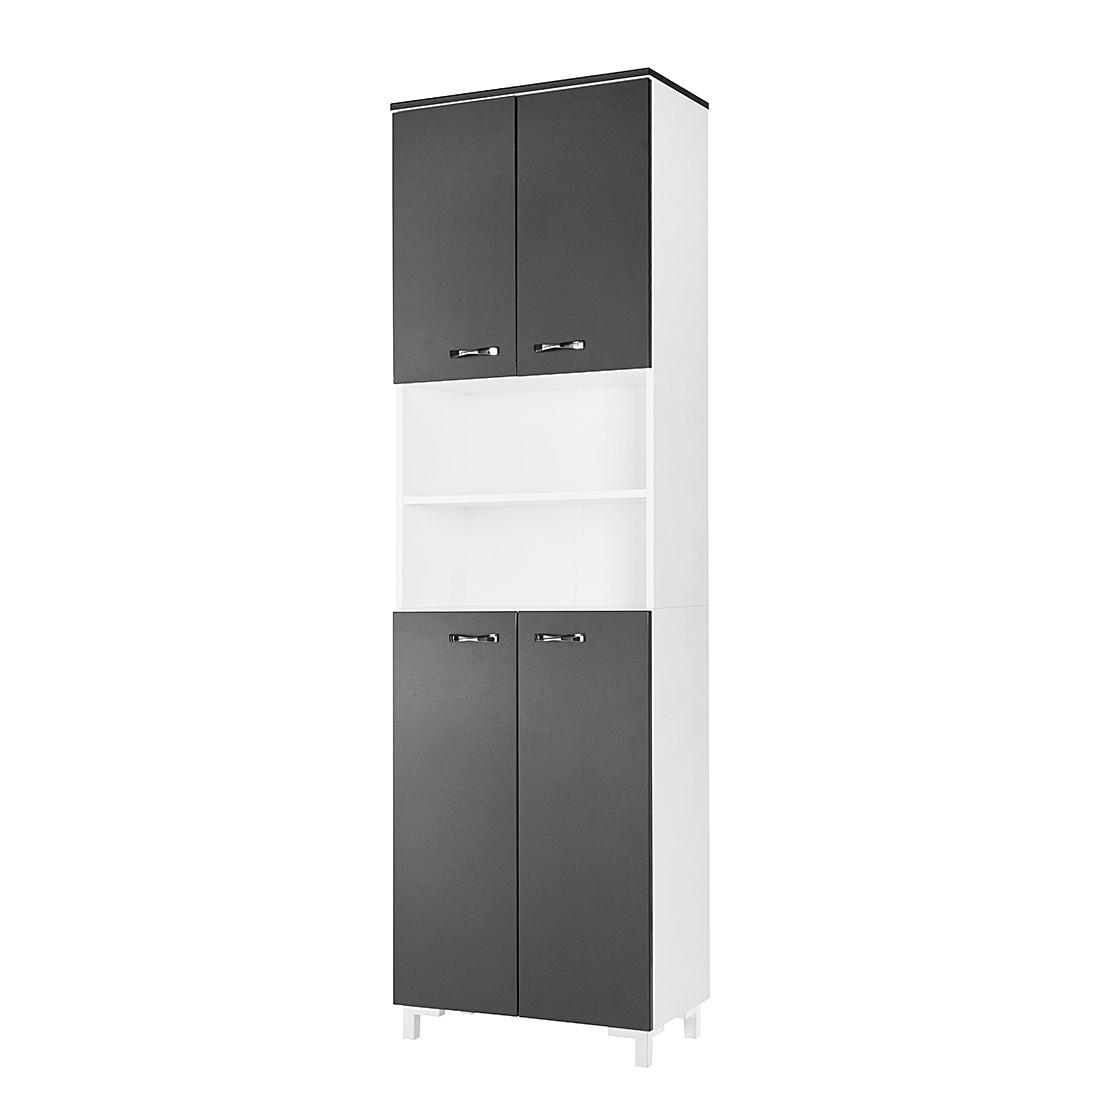 Hochschrank Montreal II – Weiß/Hochglanz Grafit – 60 cm, Fackelmann jetzt bestellen